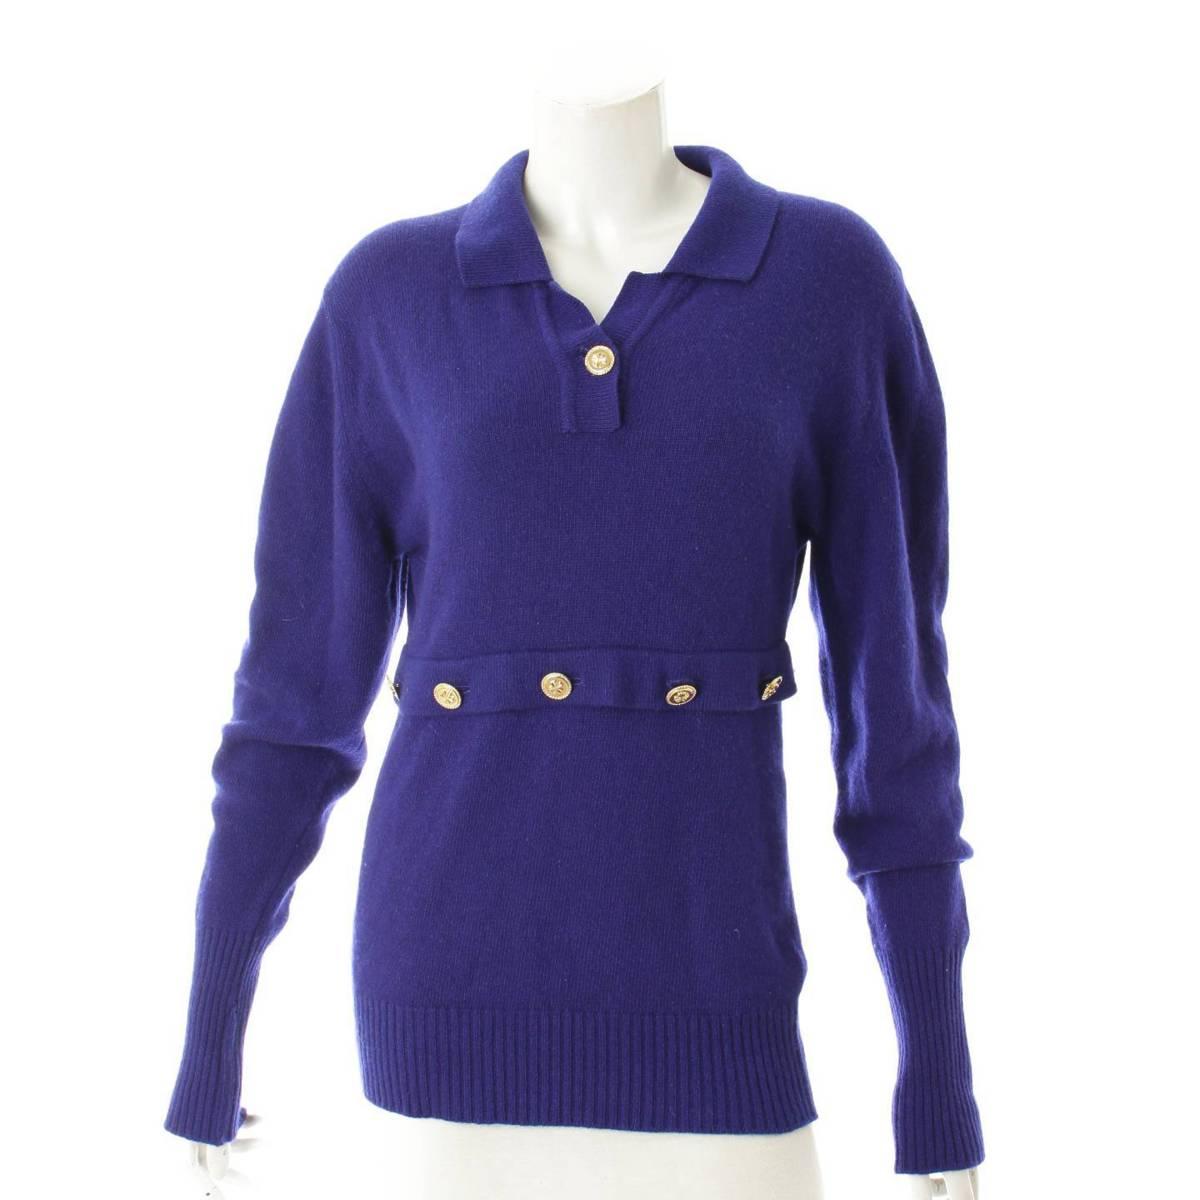 シャネル Chanel カシミヤ クローバーボタン セーター カーディガン 中古 ブルー 1 新品未使用正規品 鑑定済 102317 売れ筋 正規品保証